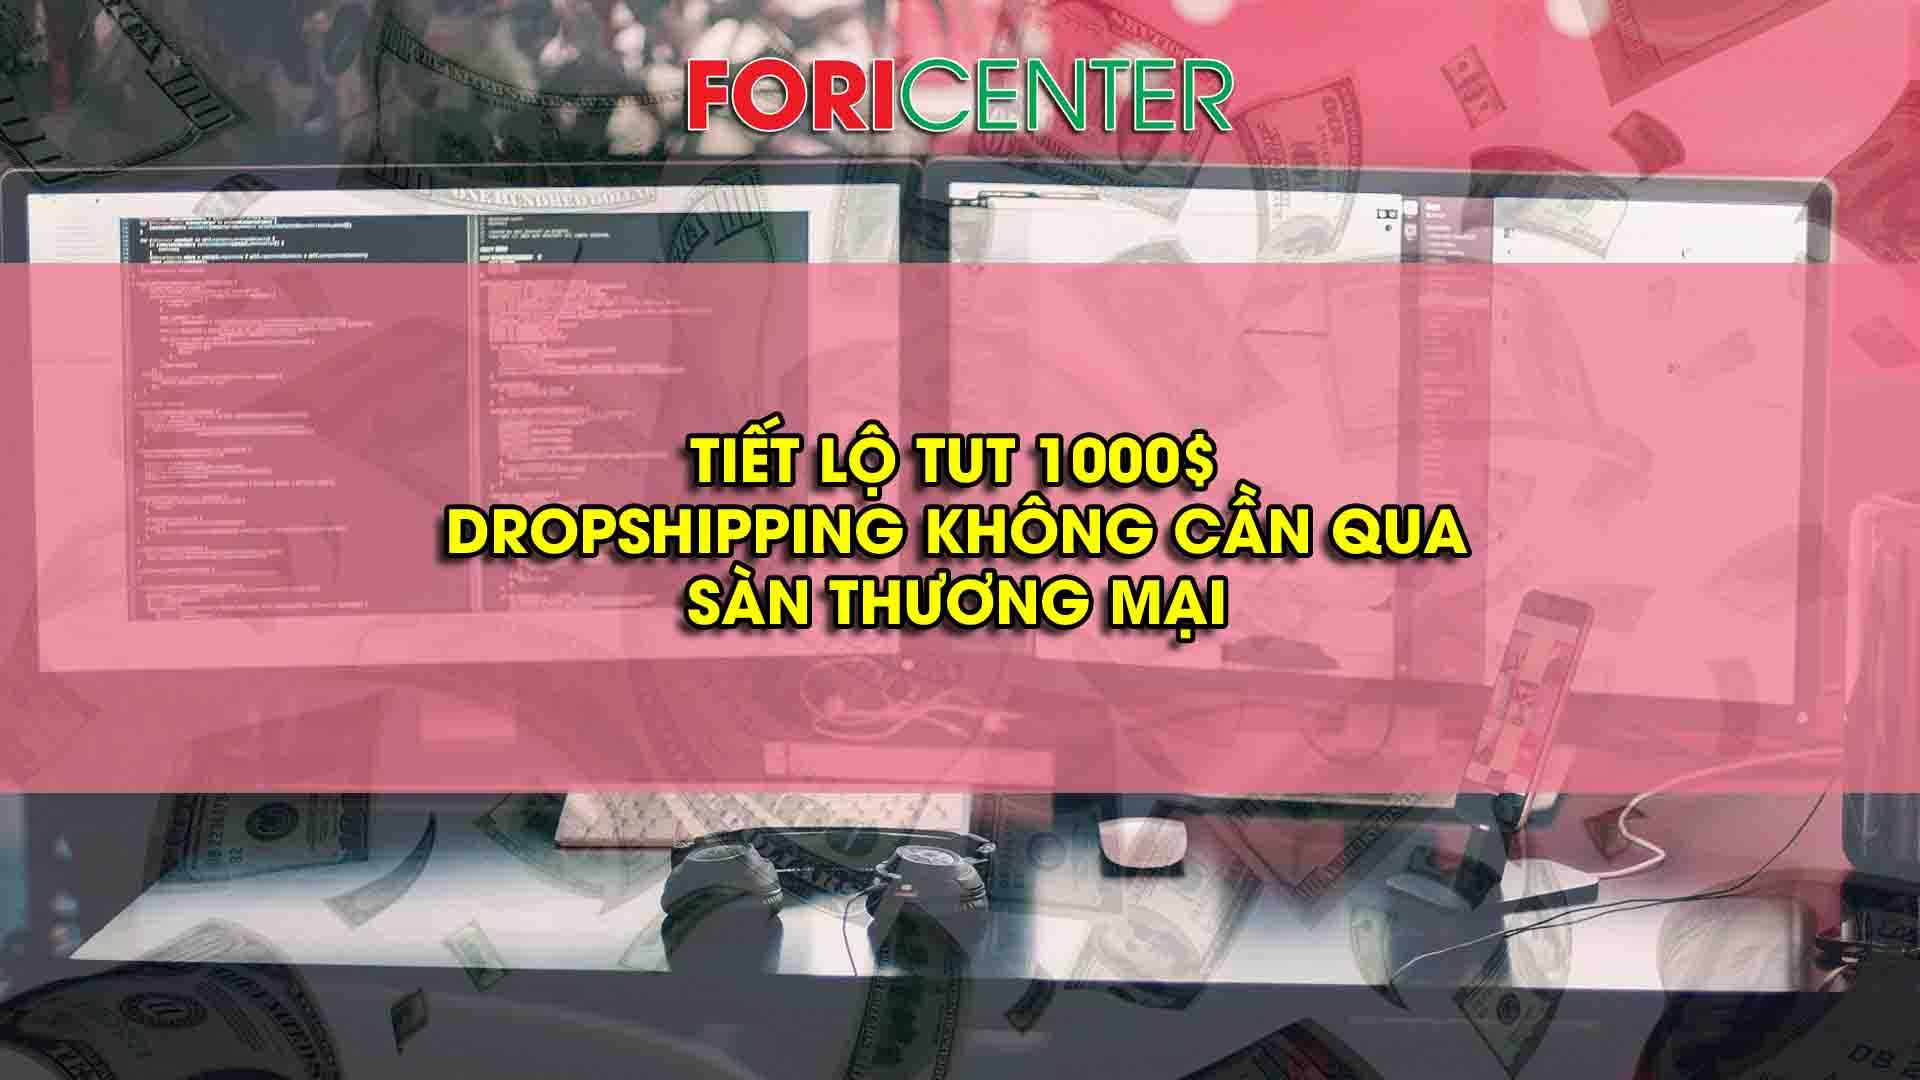 TIẾT LỘ TUT 1000$ DROPSHIPPING không cần qua sàn thương mại